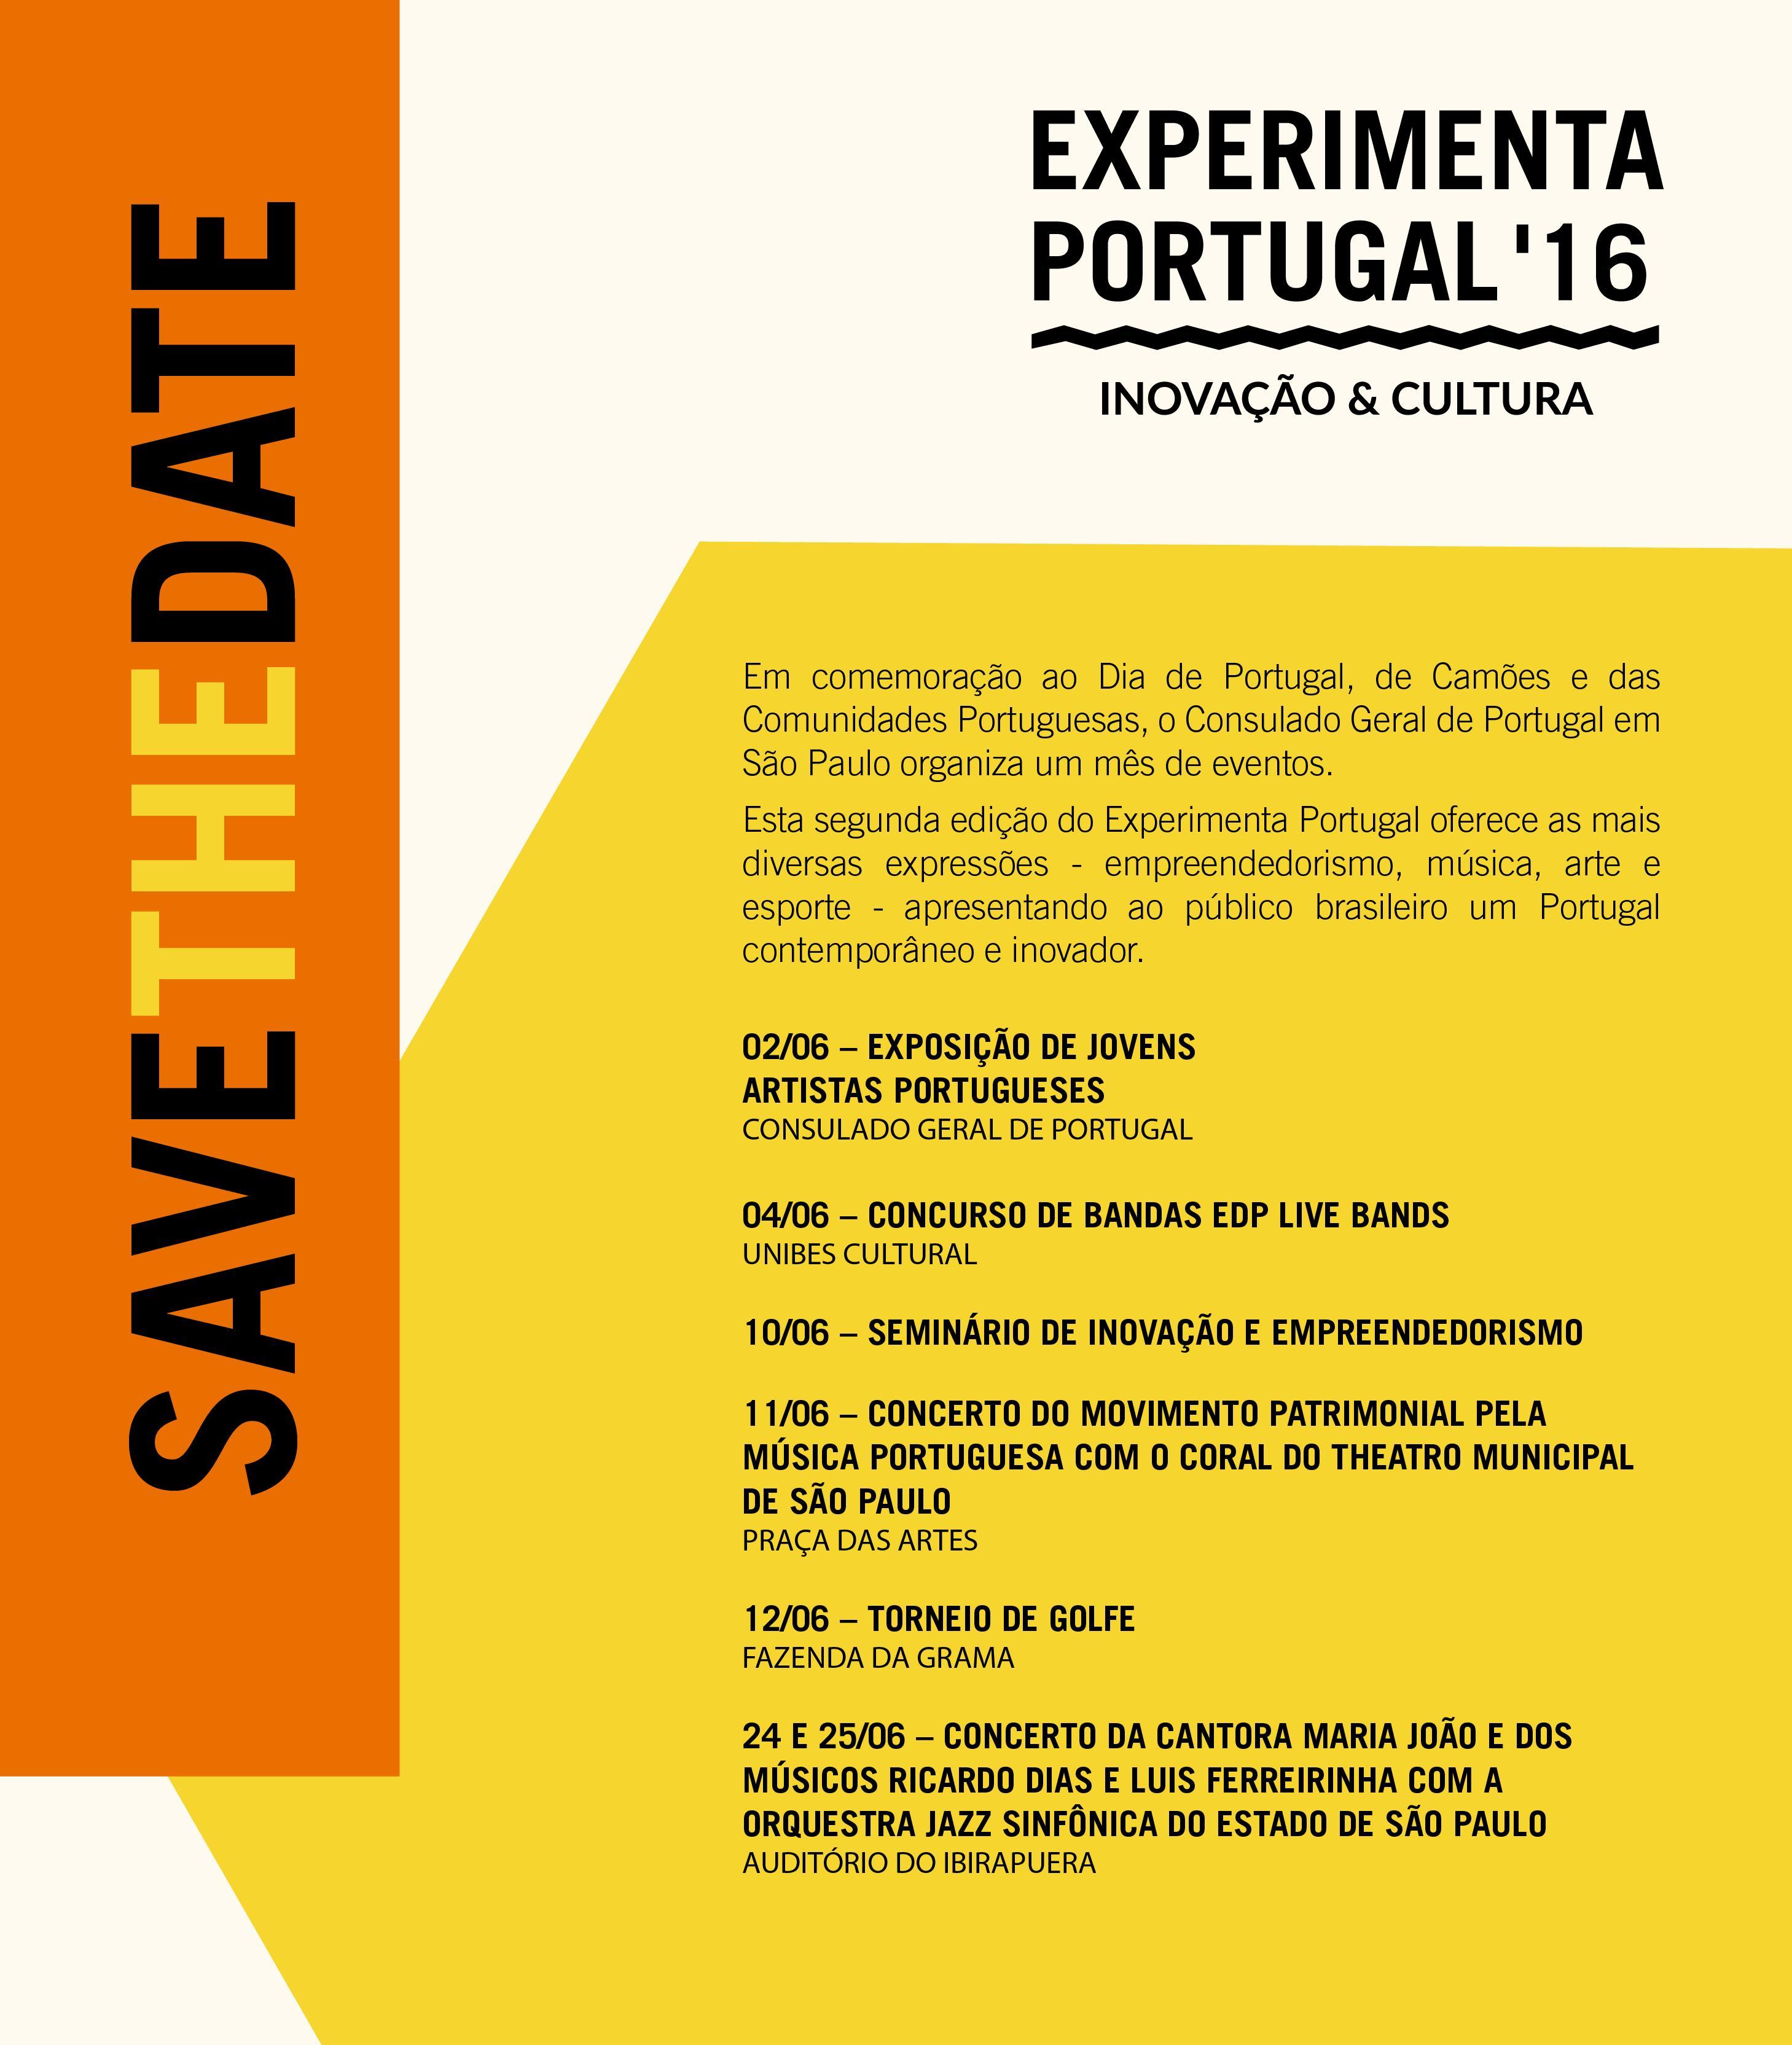 (Imagem: Divulgação Consulado Geral de Portugal em são Paulo)